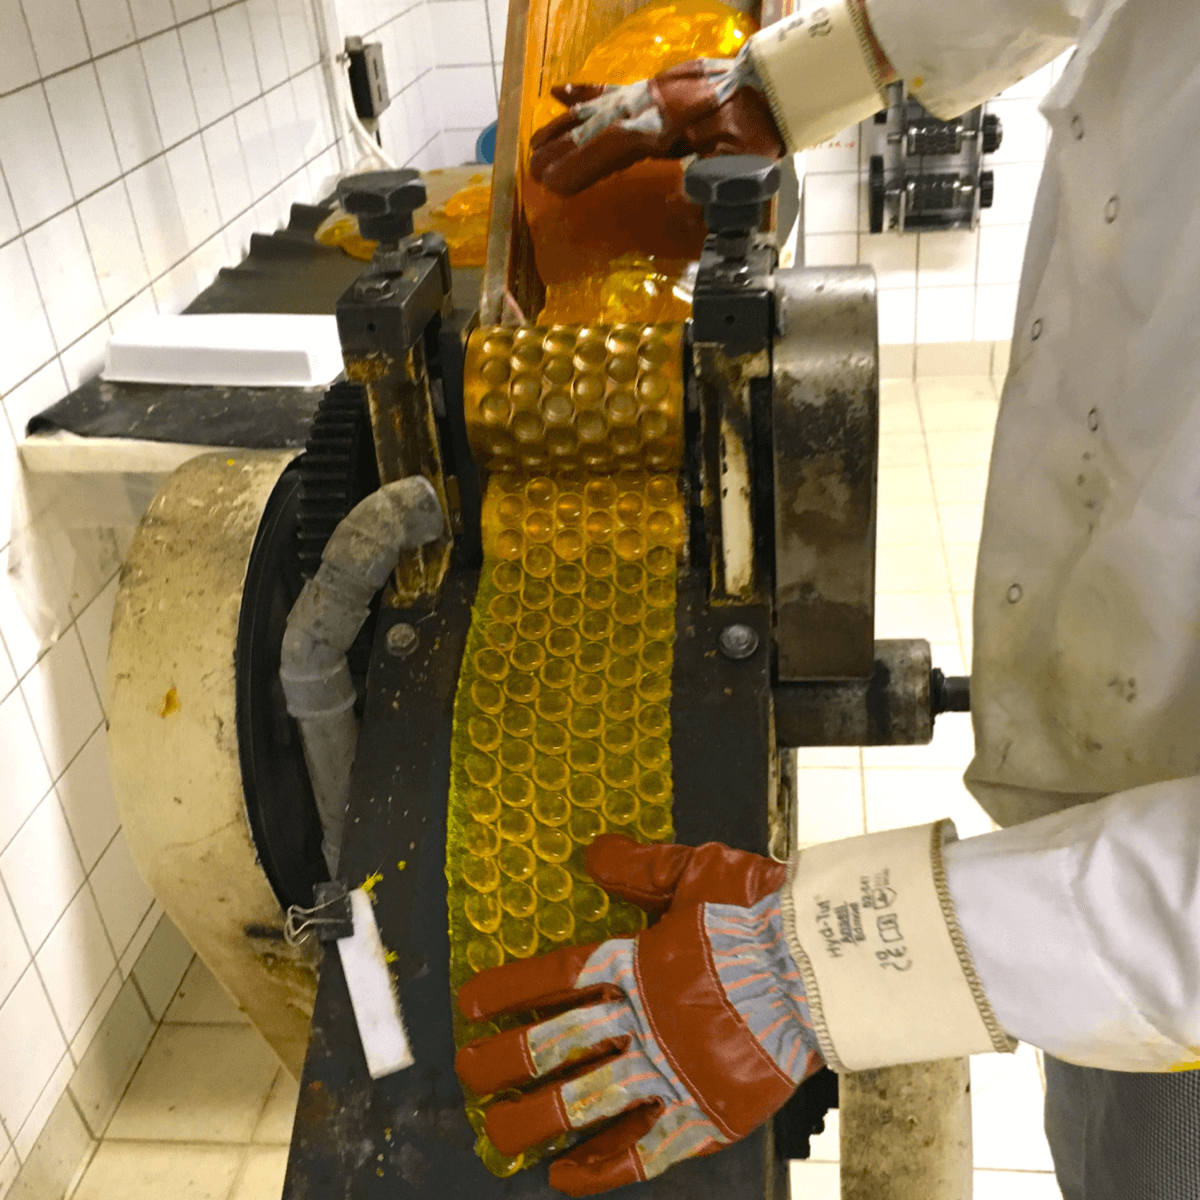 Frère Xavier en pleine fabrication des bonbons au miel de l'abbaye de Fleury - Divine Box